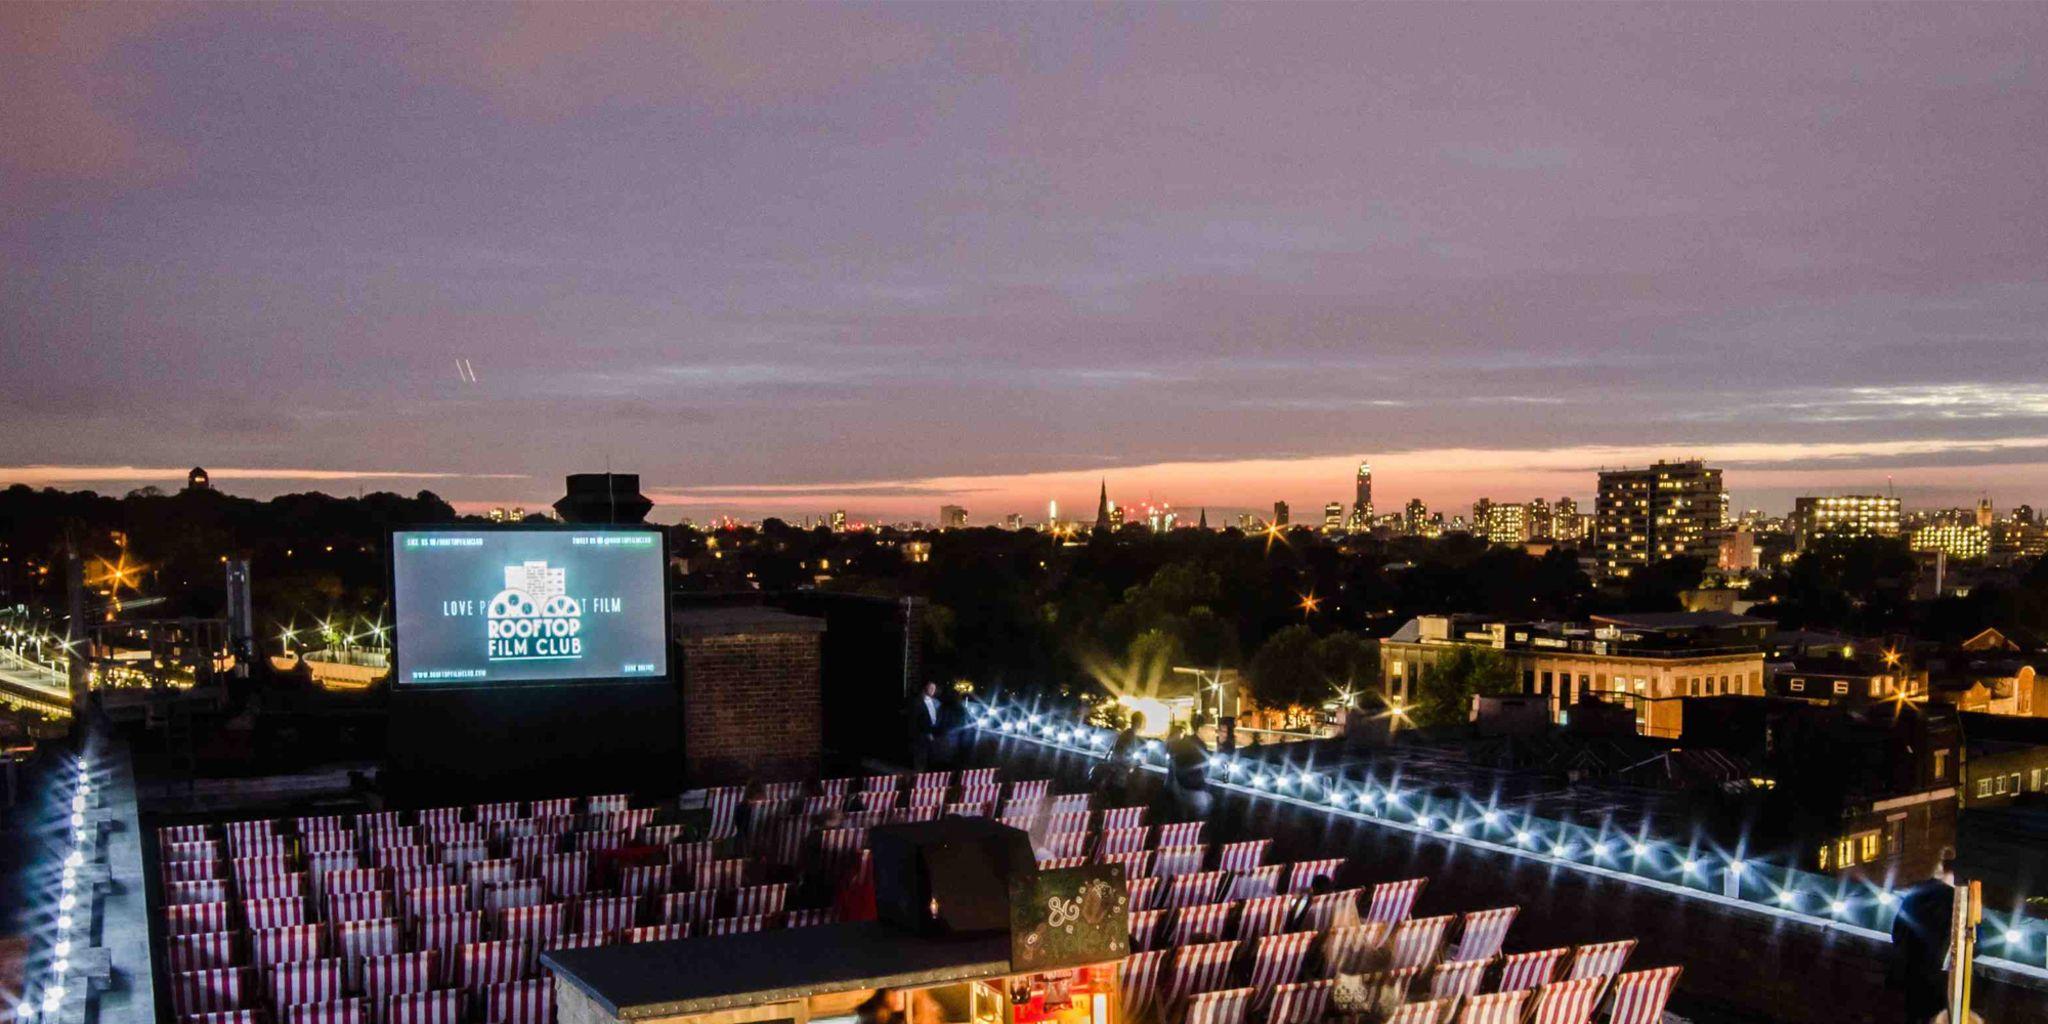 Londons best outdoor cinemas